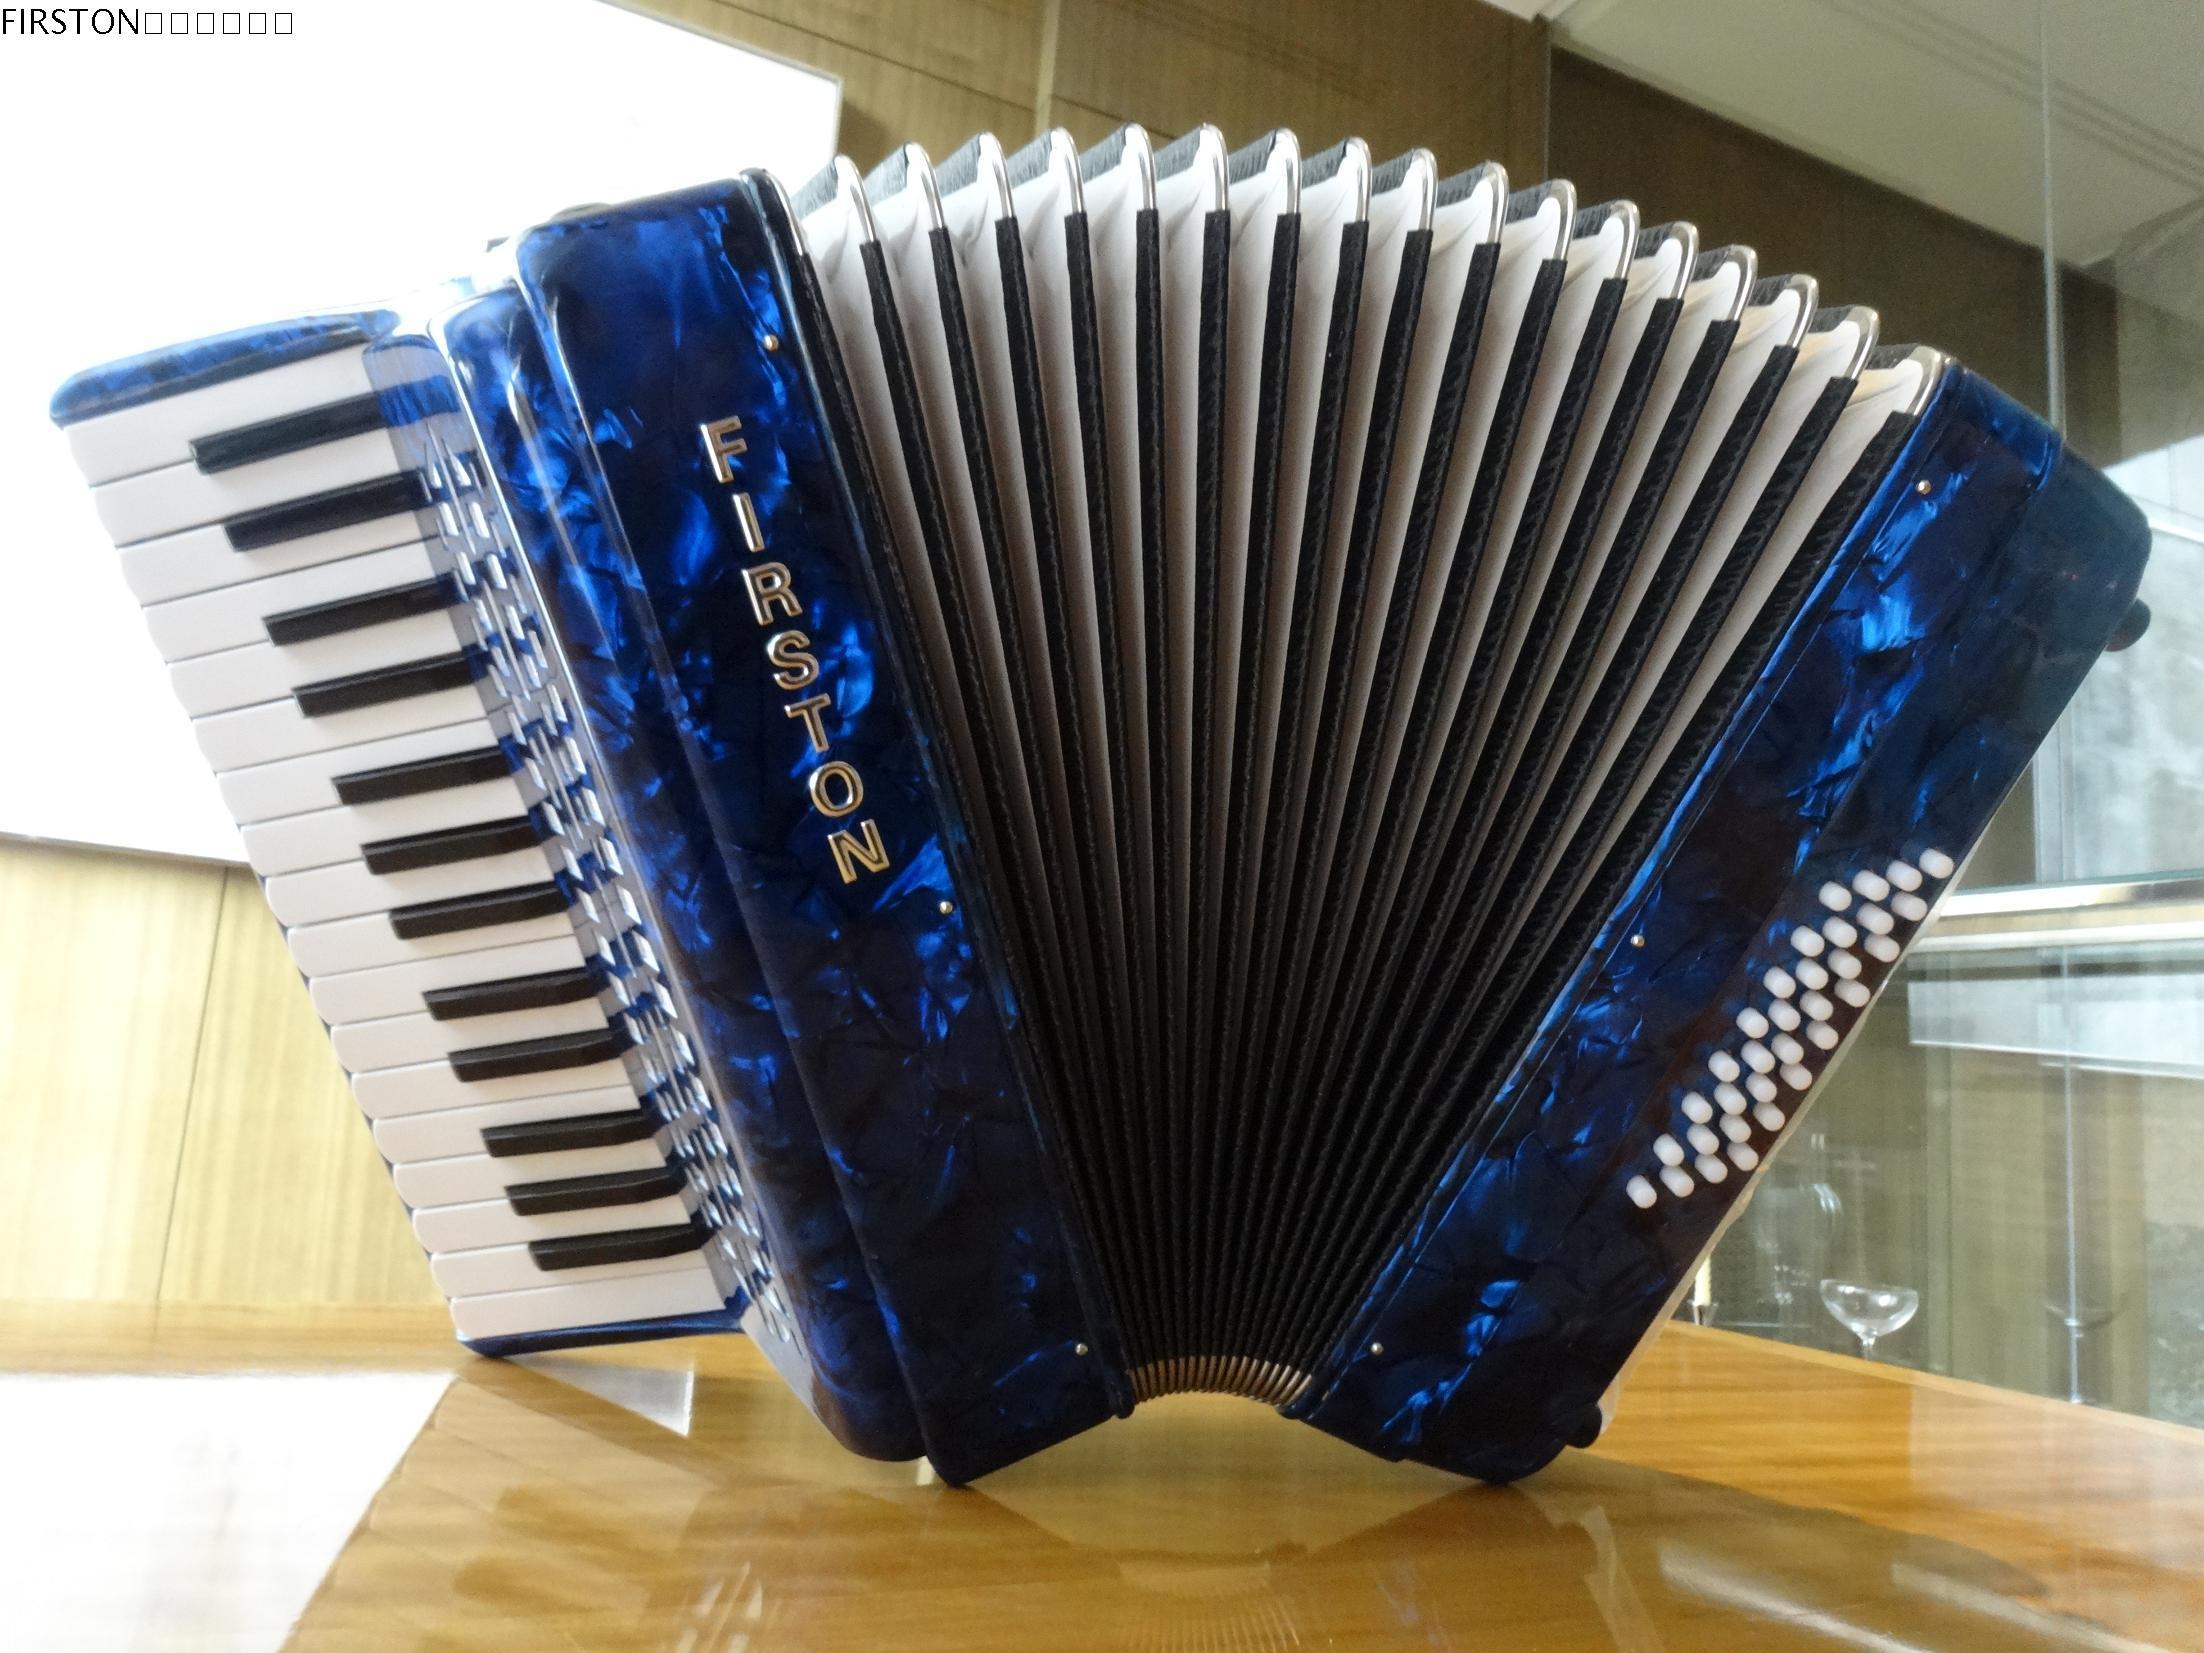 手风琴_专业手风琴30键32贝司成人手风琴初学手风琴FIRSTON富世乐